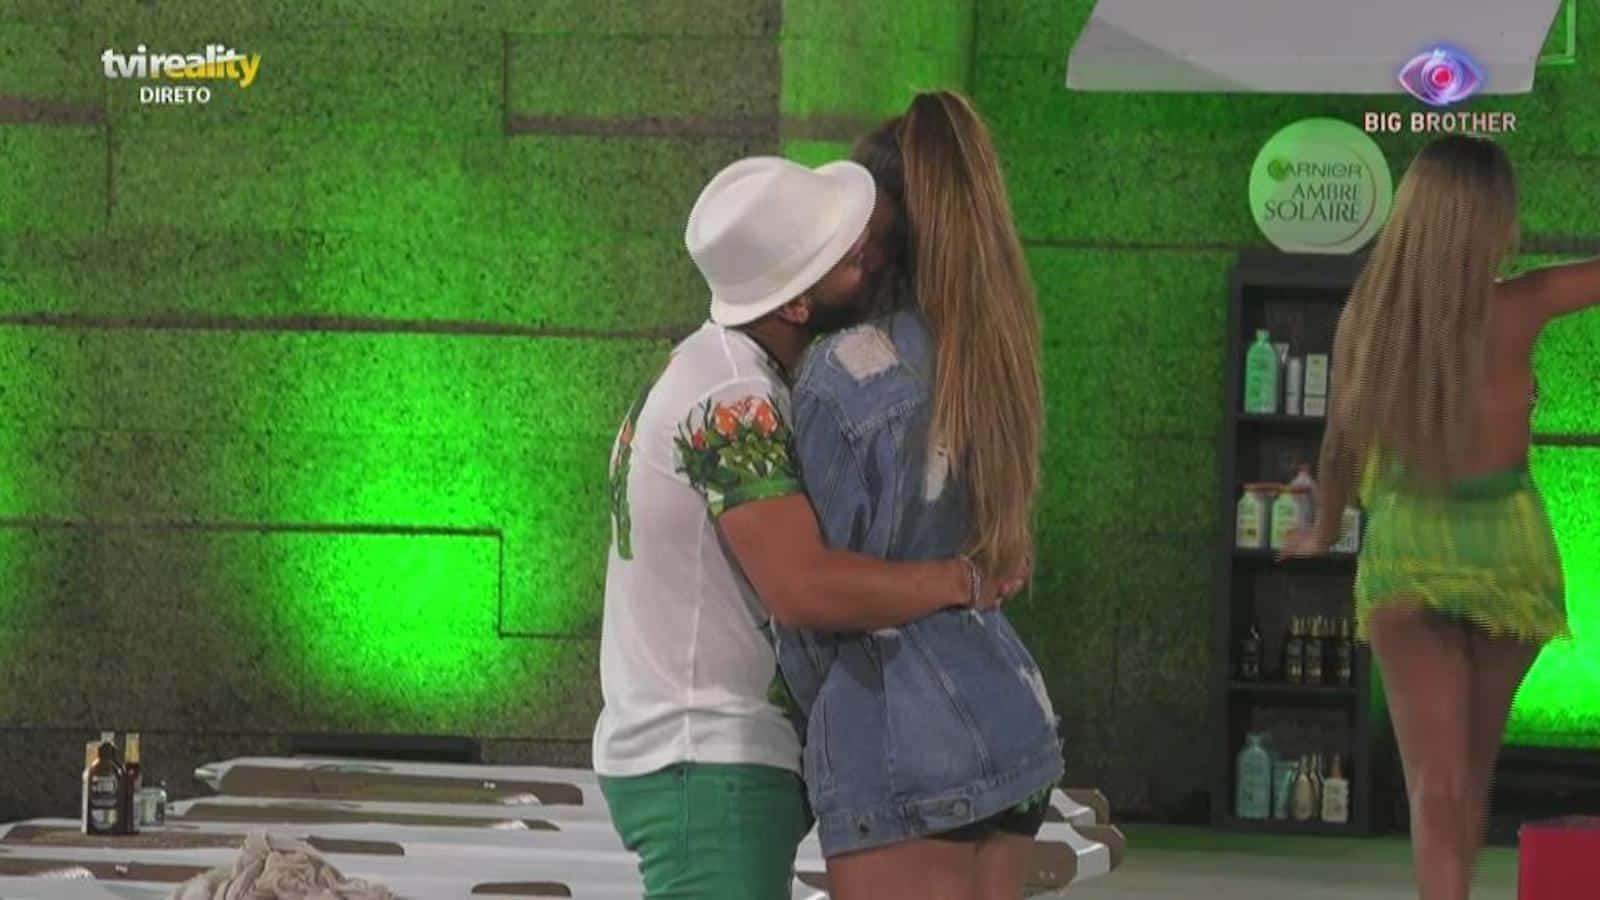 Big Brother Iury Daniel Monteiro 1 Big Brother: Daniel Monteiro Dá Beijo Atrevido A Iury E É Avisado